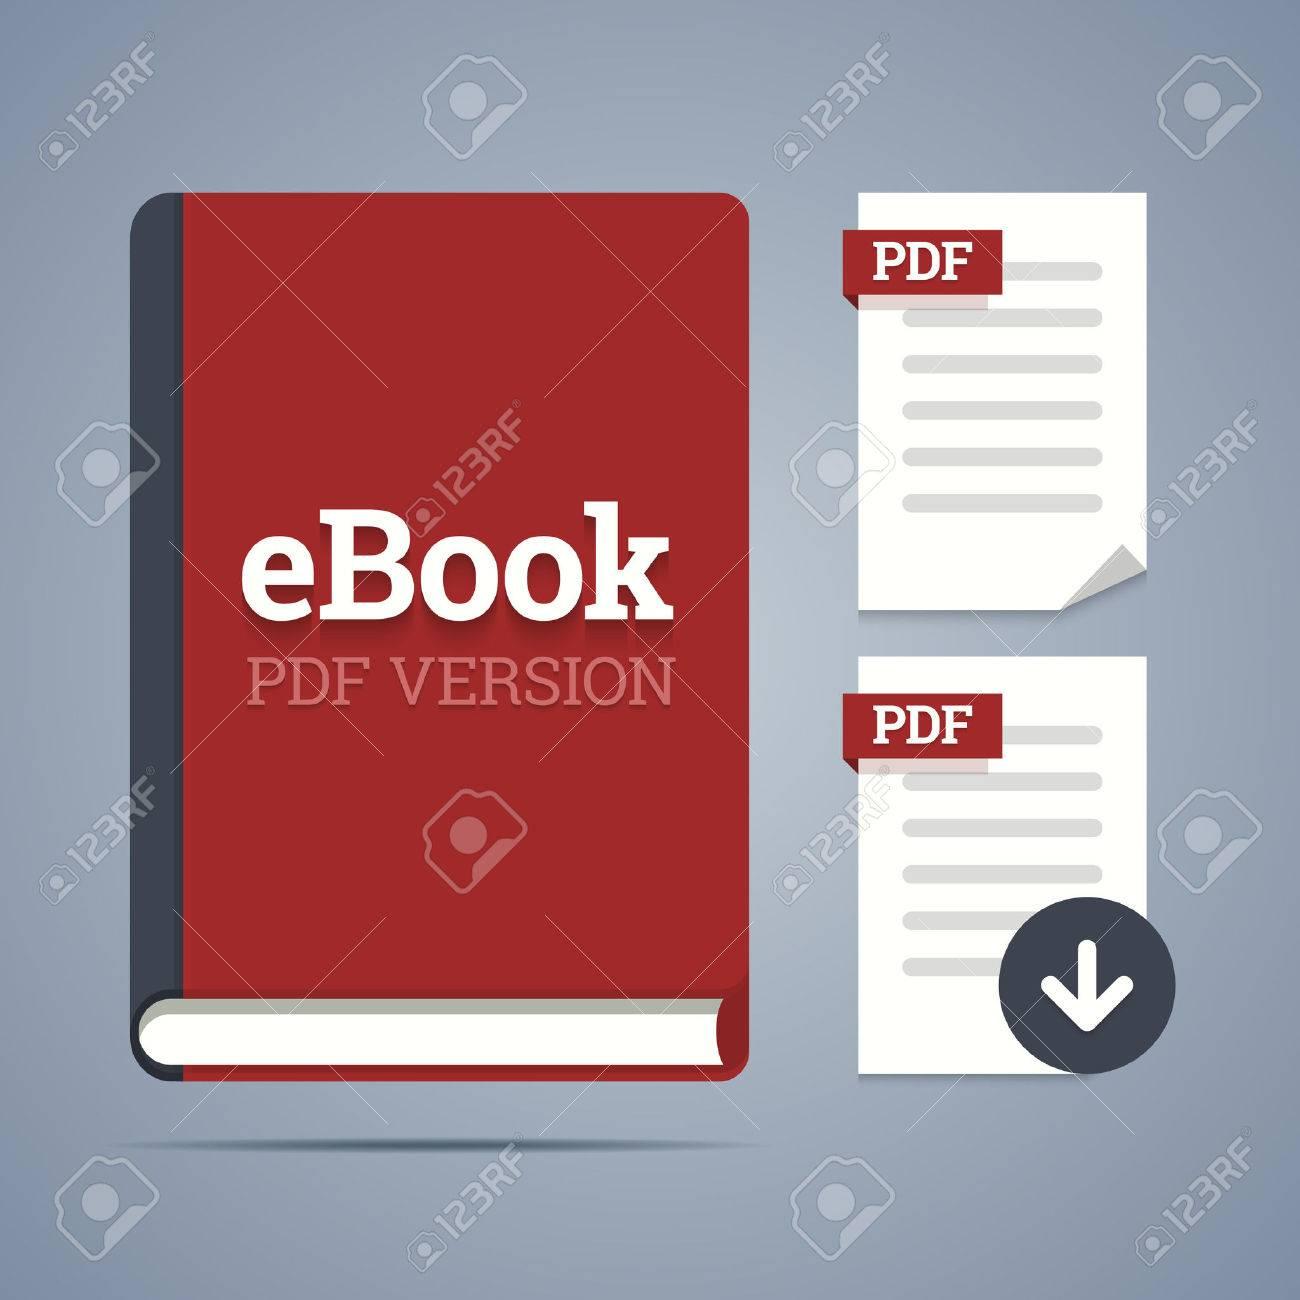 Plantilla EBook Con Pdf Etiquetas Y Páginas Pdf Iconos Con Descarga ...